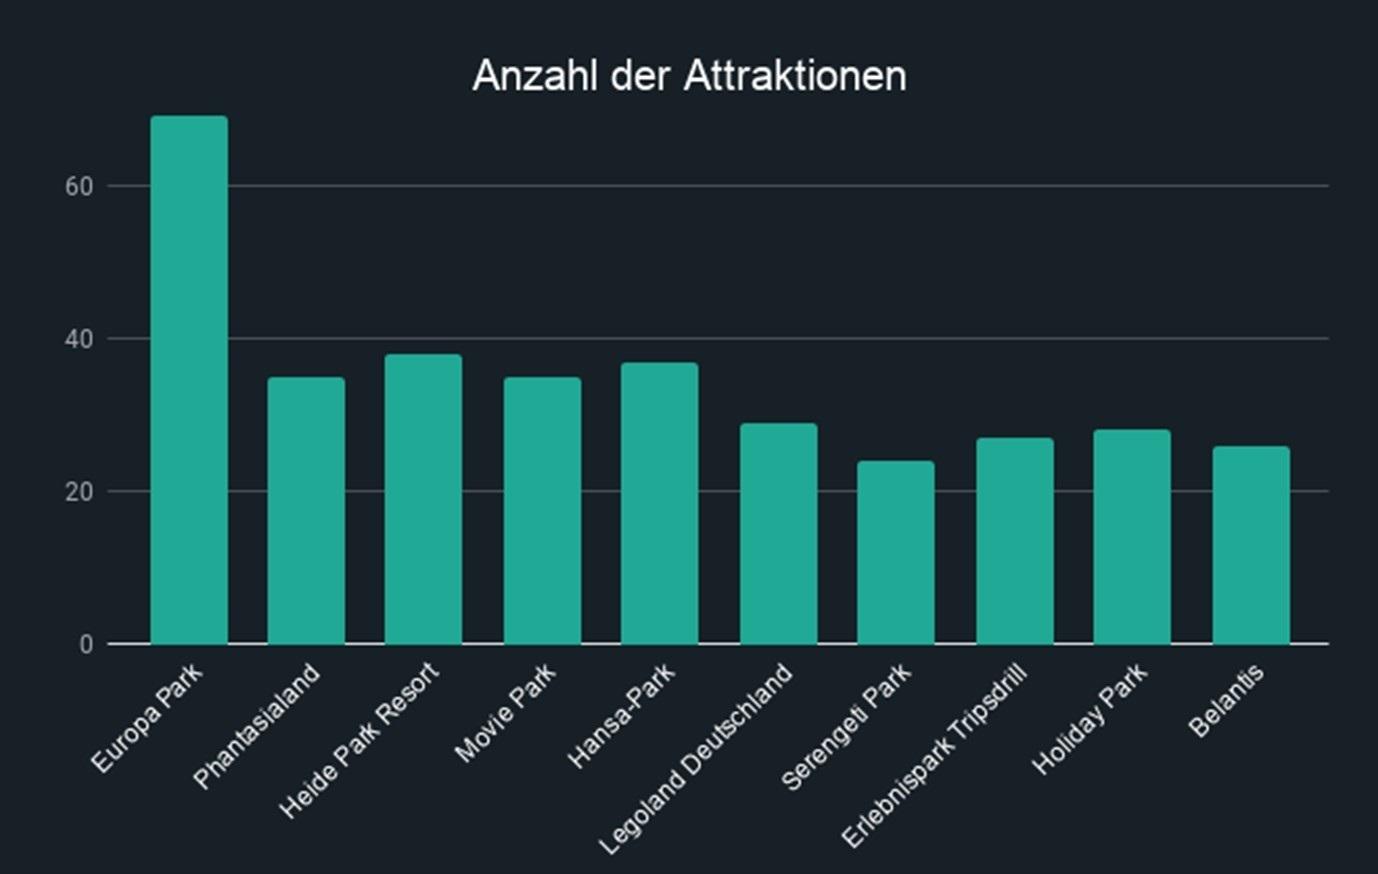 Anzahl der Fahrgeschäfte der 10 beliebtesten Freizeitparks in Deutschland im Überblick